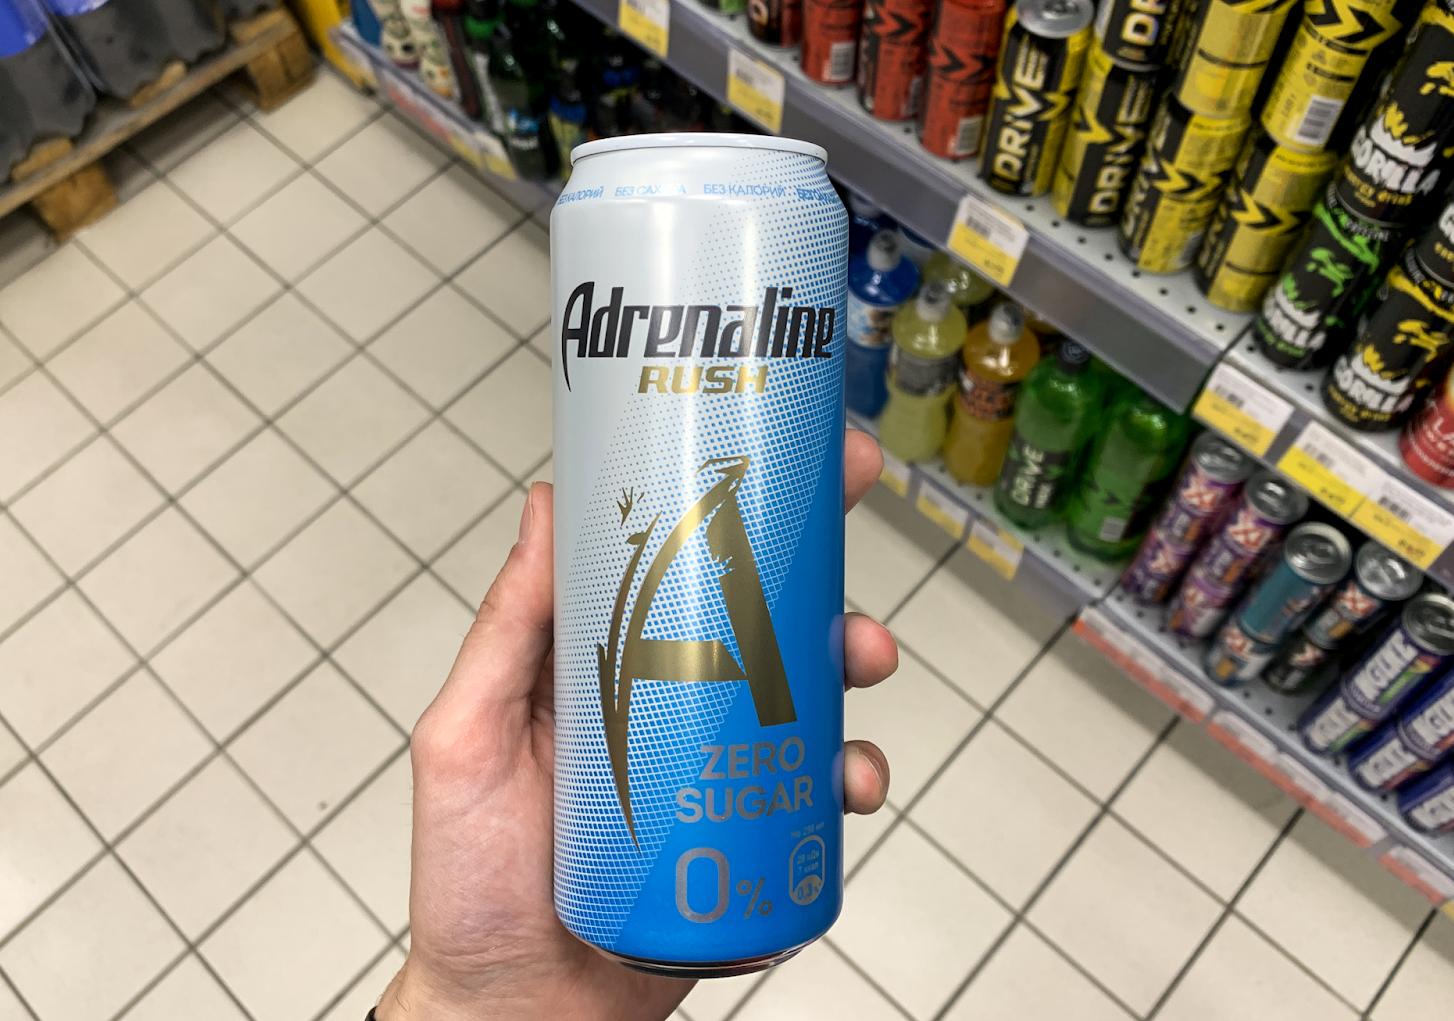 Энергетик в банке Adrenaline Rush без сахара в руке покупателя